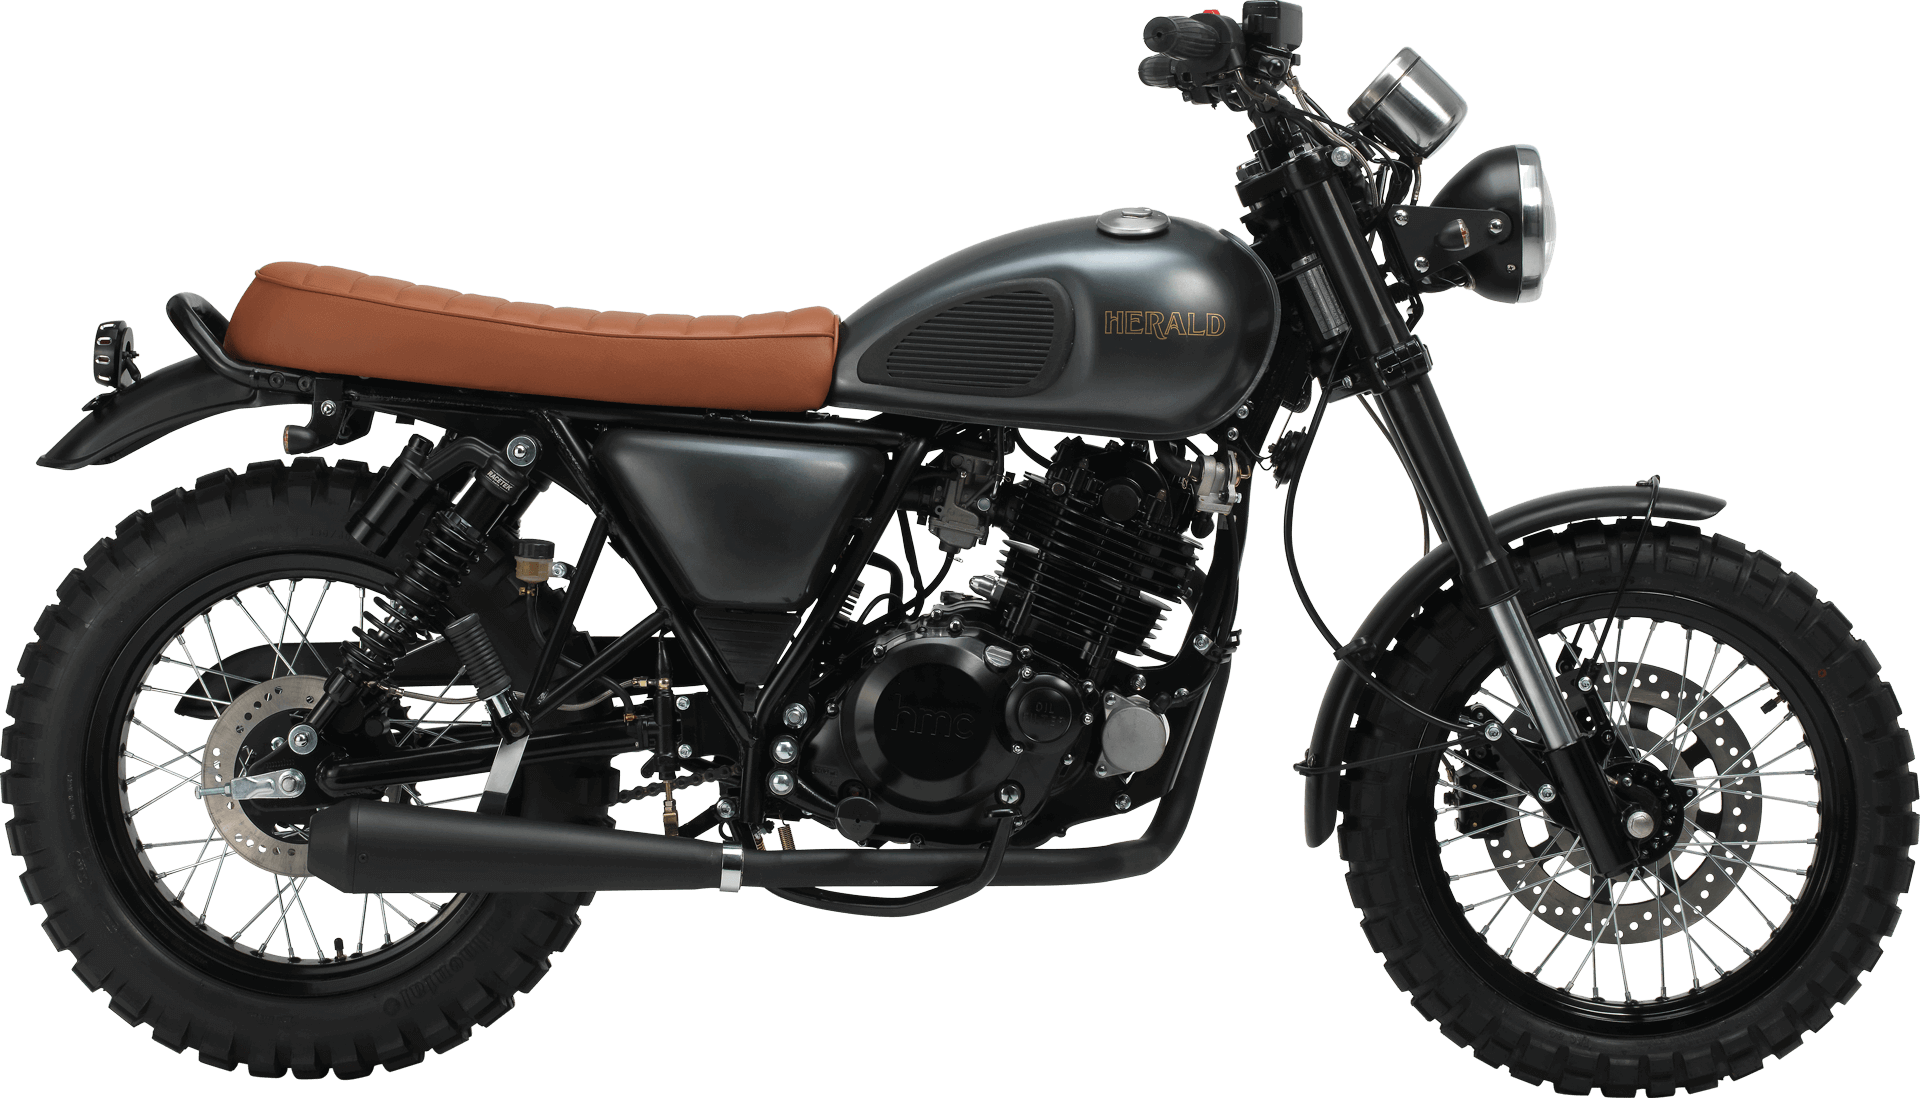 Rambler. | Scrambler motorcycle, Motorcycle, Cafe racer bikes